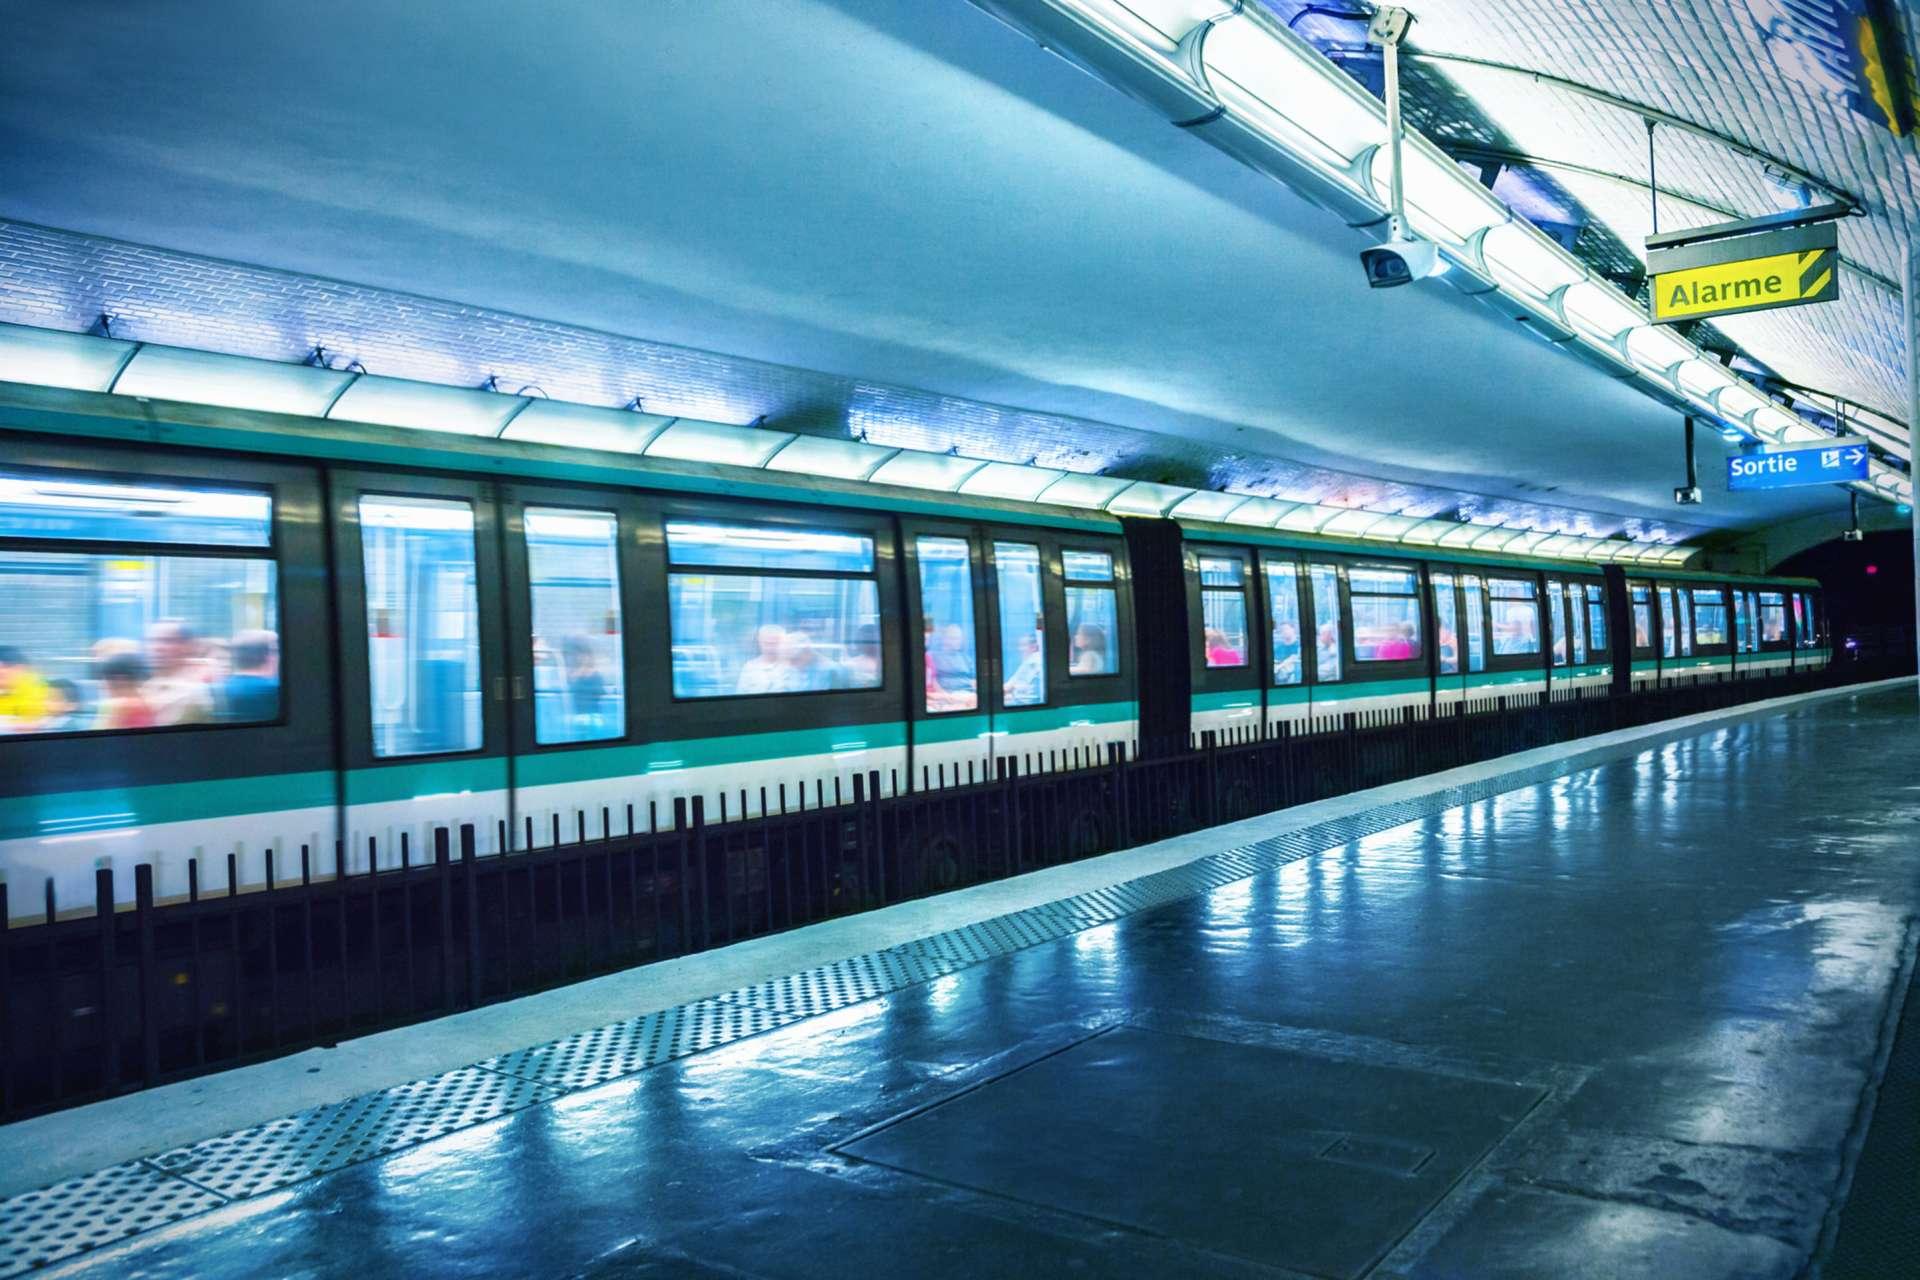 Google Maps va indiquer la fréquentation des transports en commun dans 200 villes dans le monde. © adisa / IStock.com